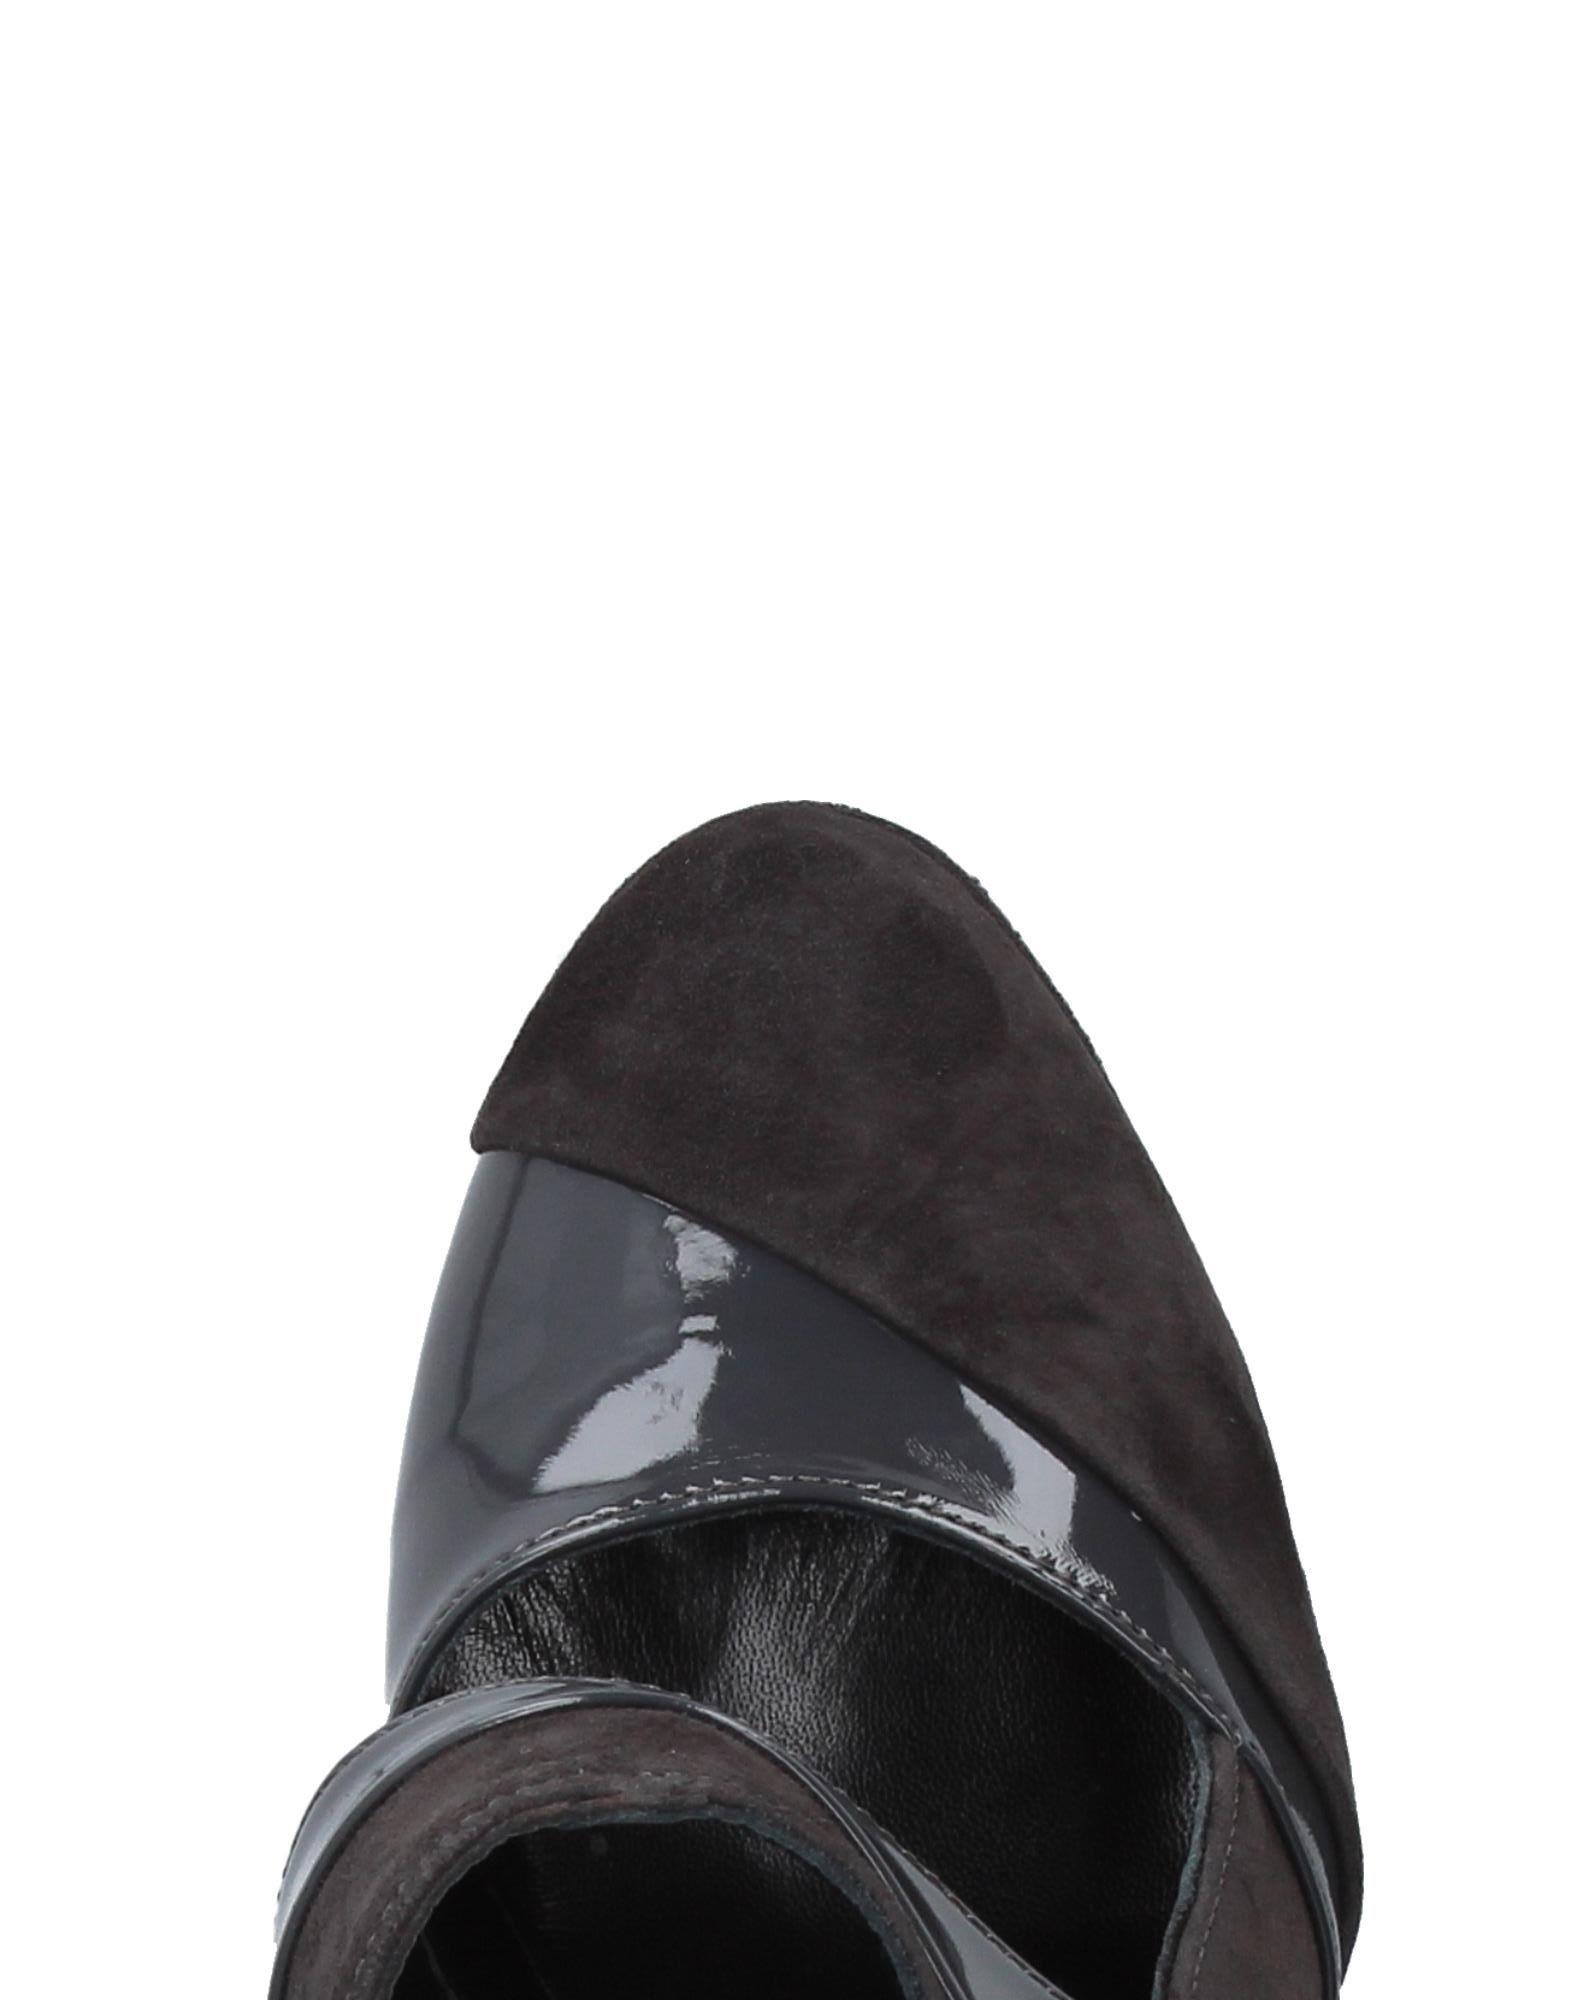 Spaziomoda Pumps Damen  beliebte 11224363DX Gute Qualität beliebte  Schuhe 43a906